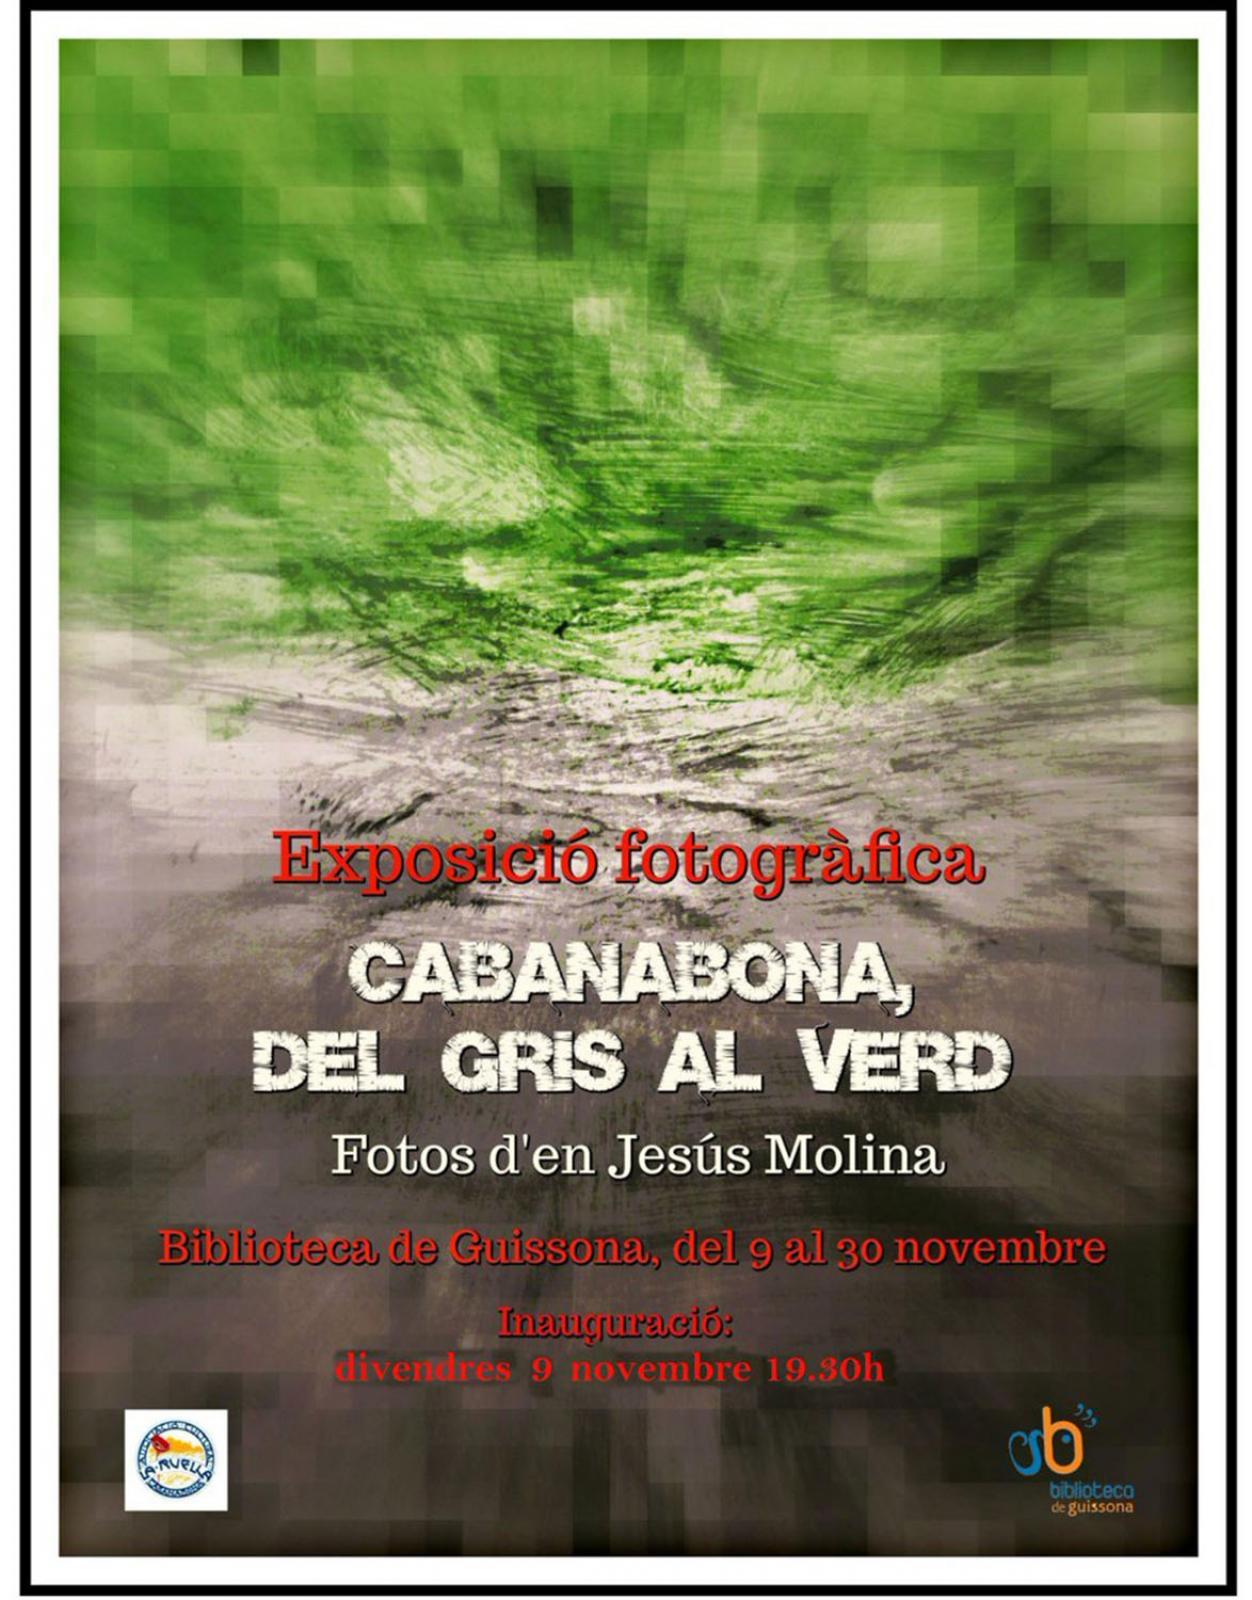 Exposició fotogràfica 'Cabanabona, del gris al verd'